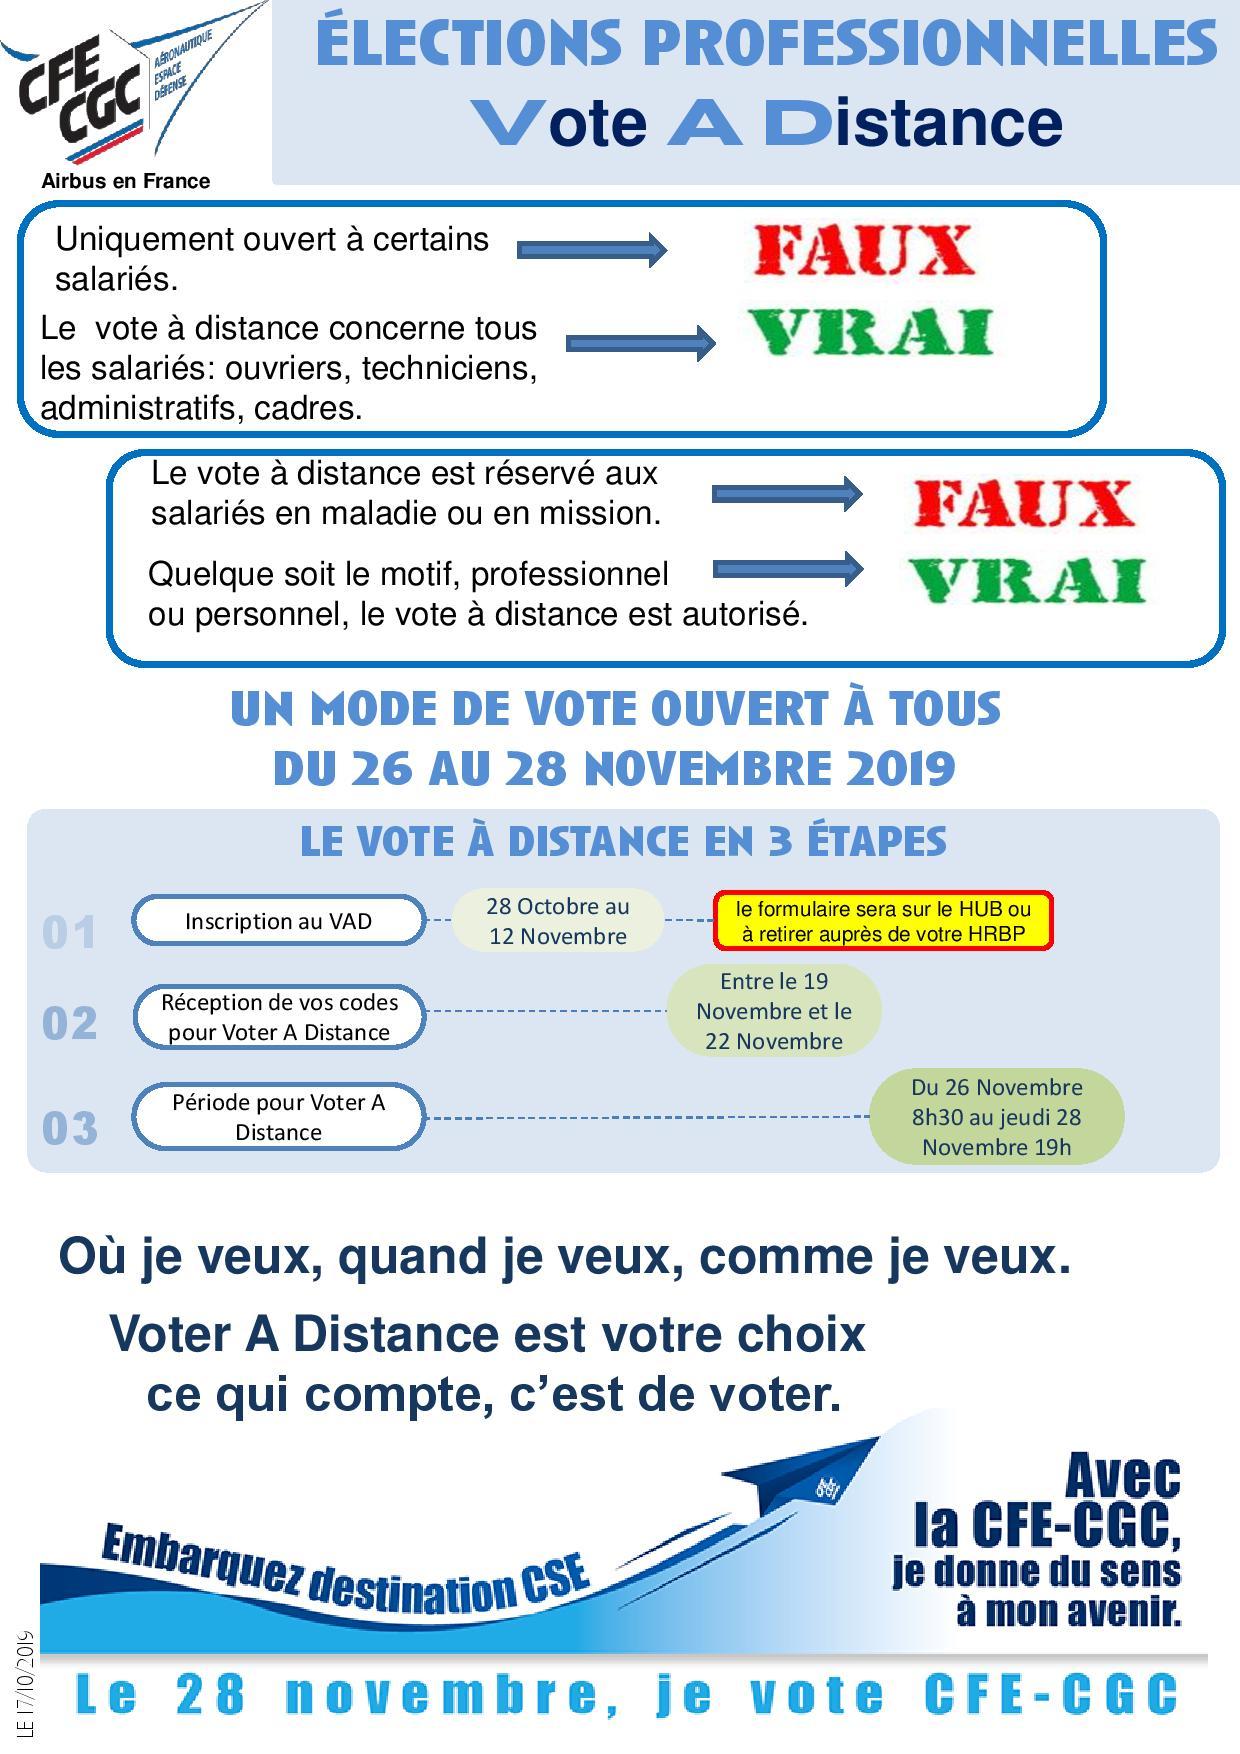 Elections professionnelles : Vote A Distance